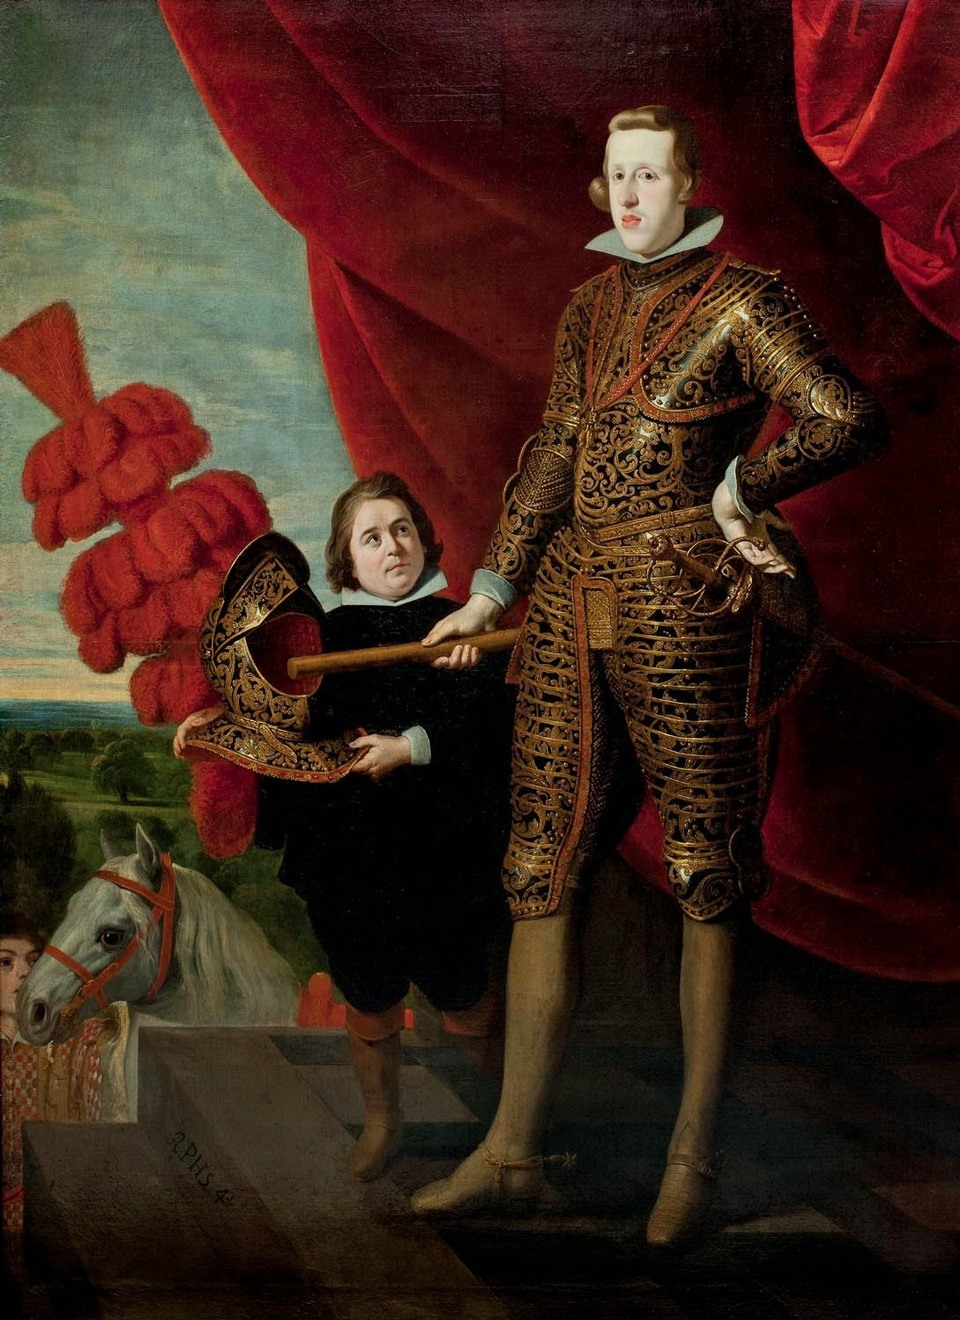 كان الملك (فيليب الرابع) يحب أقزام بلاطه كثيرا لدرجة جعل الرسامين يرسمون له لوحات فنية وهم بجانبه.